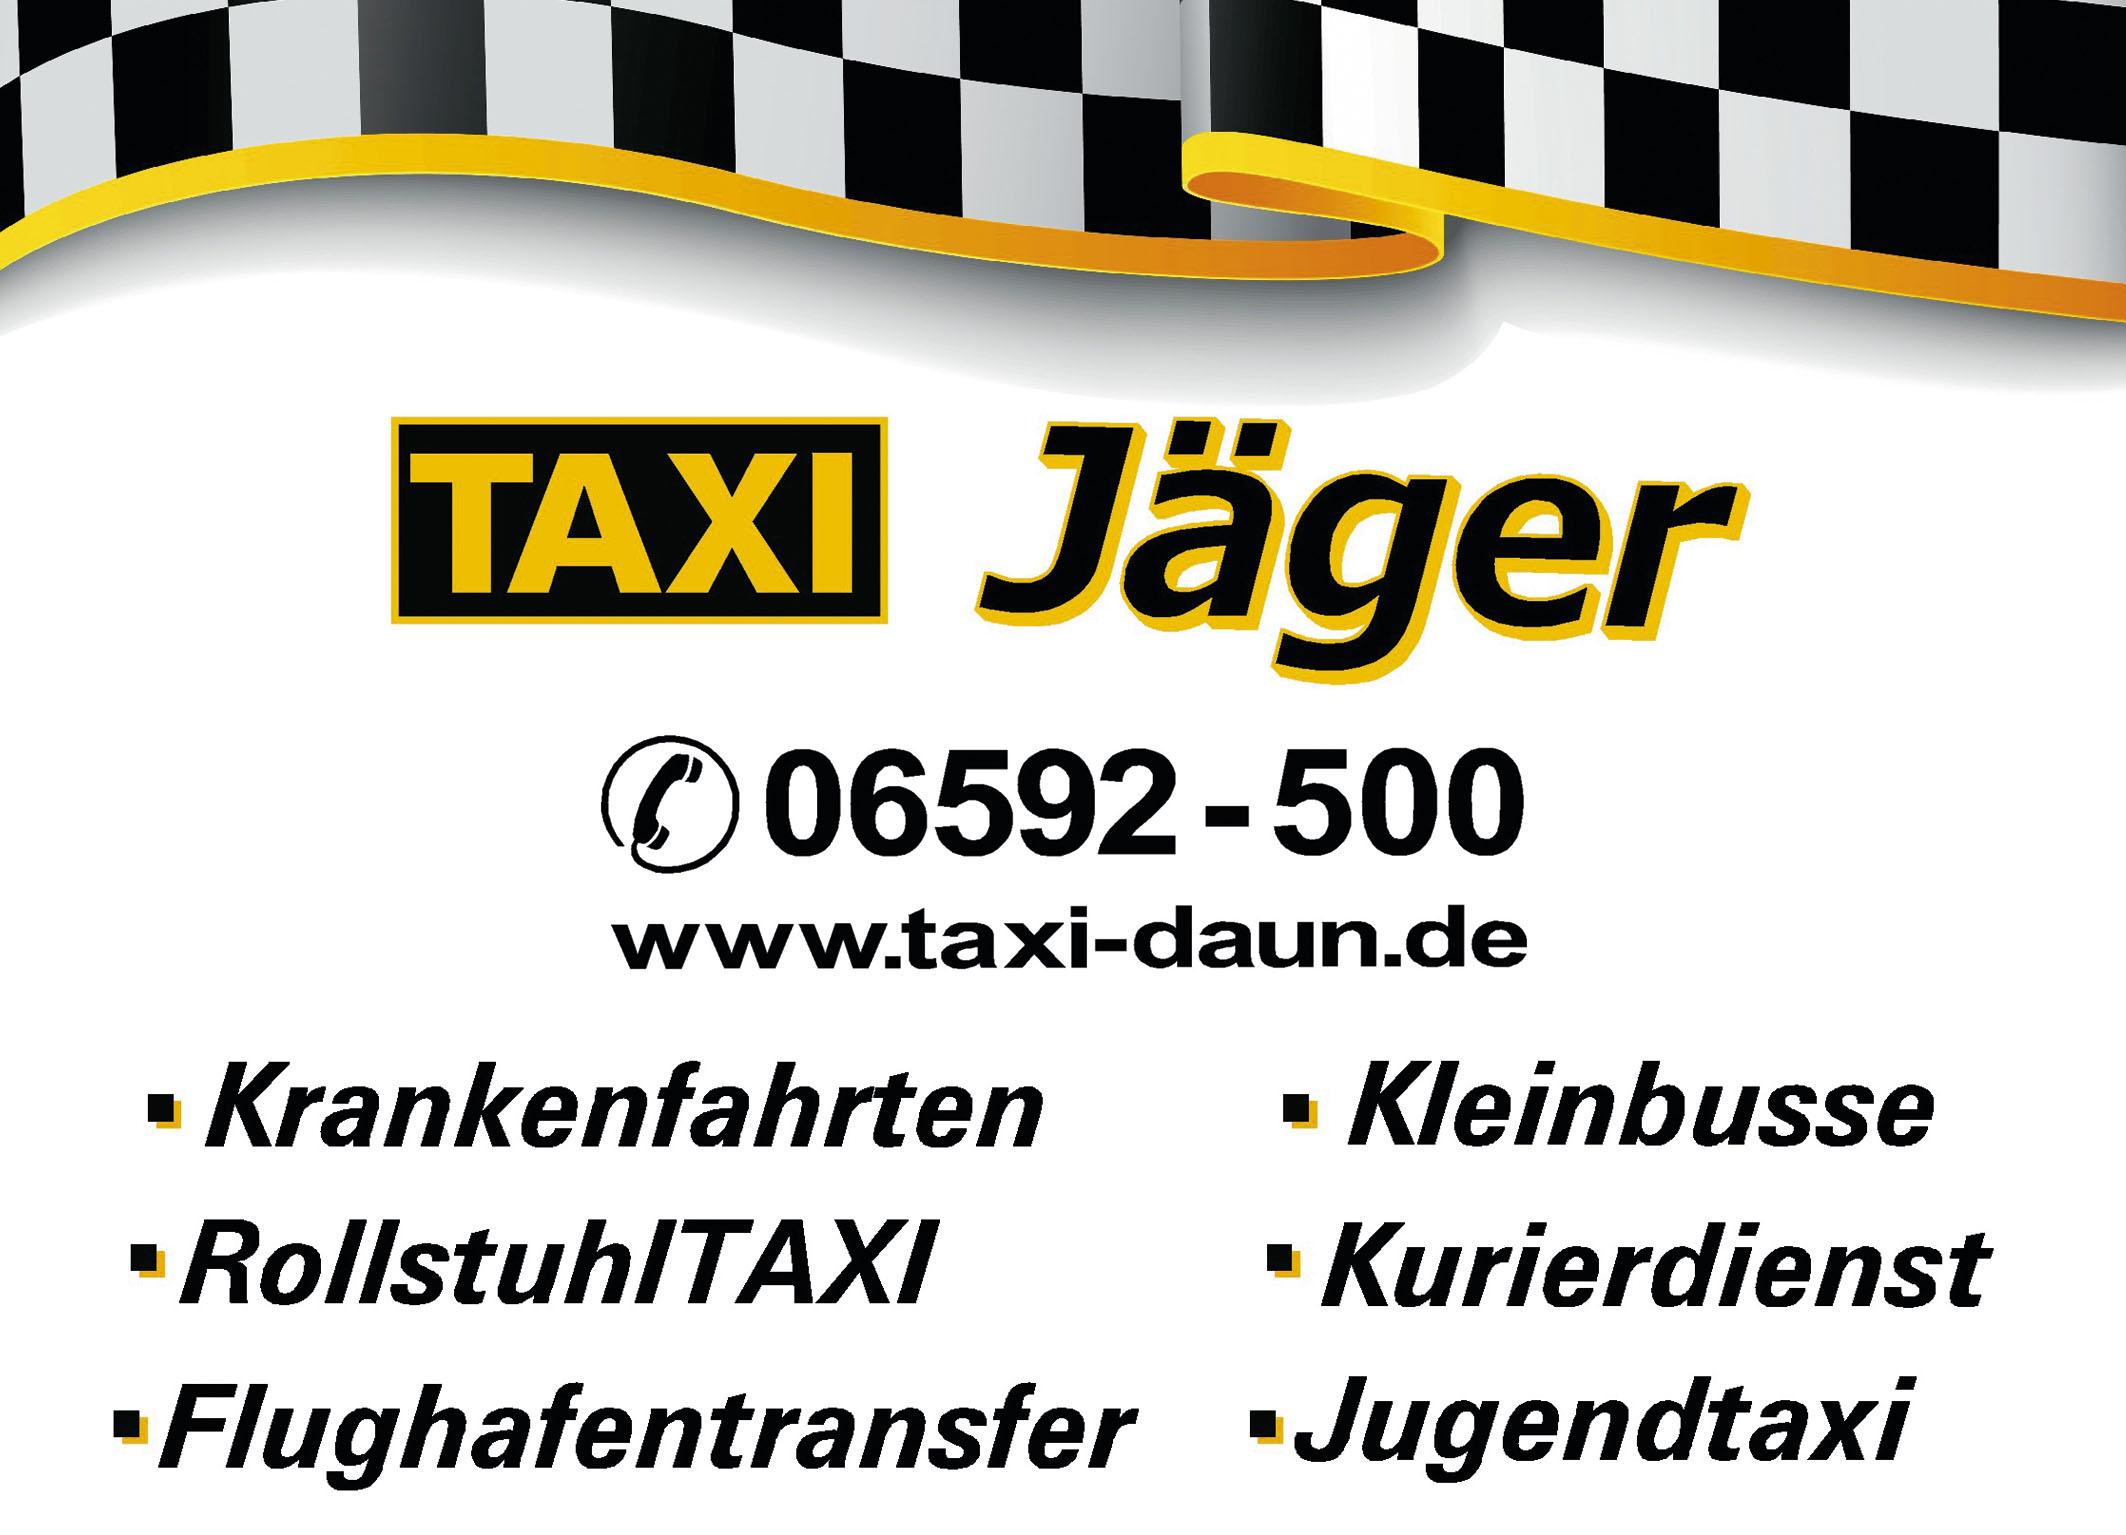 Taxi Jäger